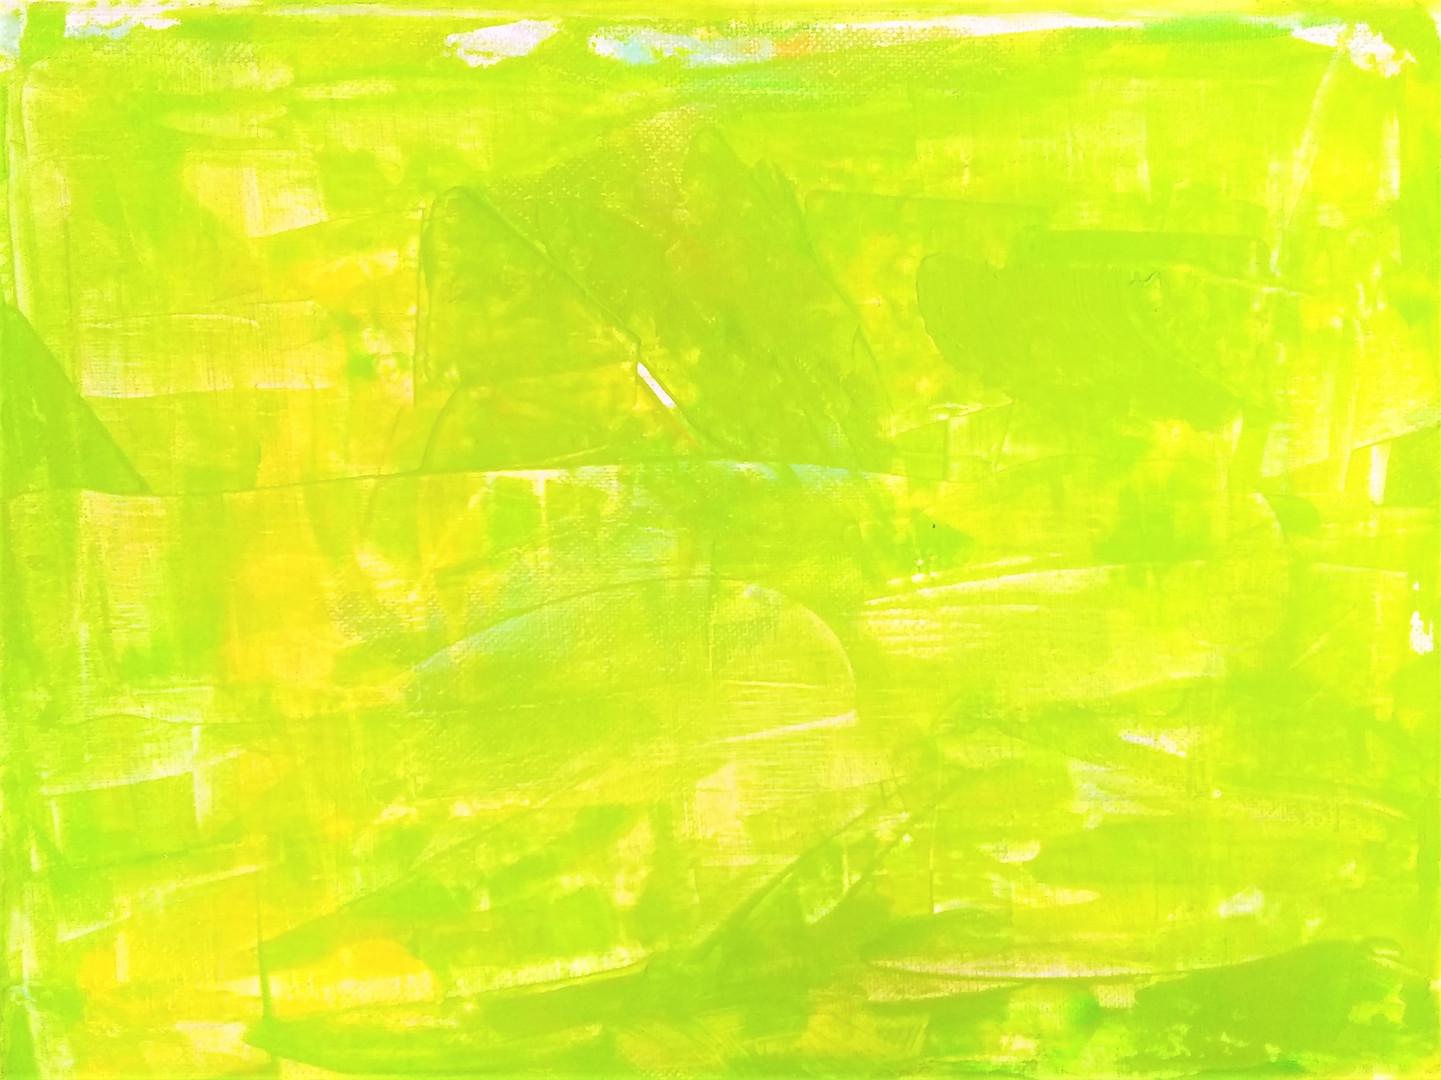 Green and Yellow Fun